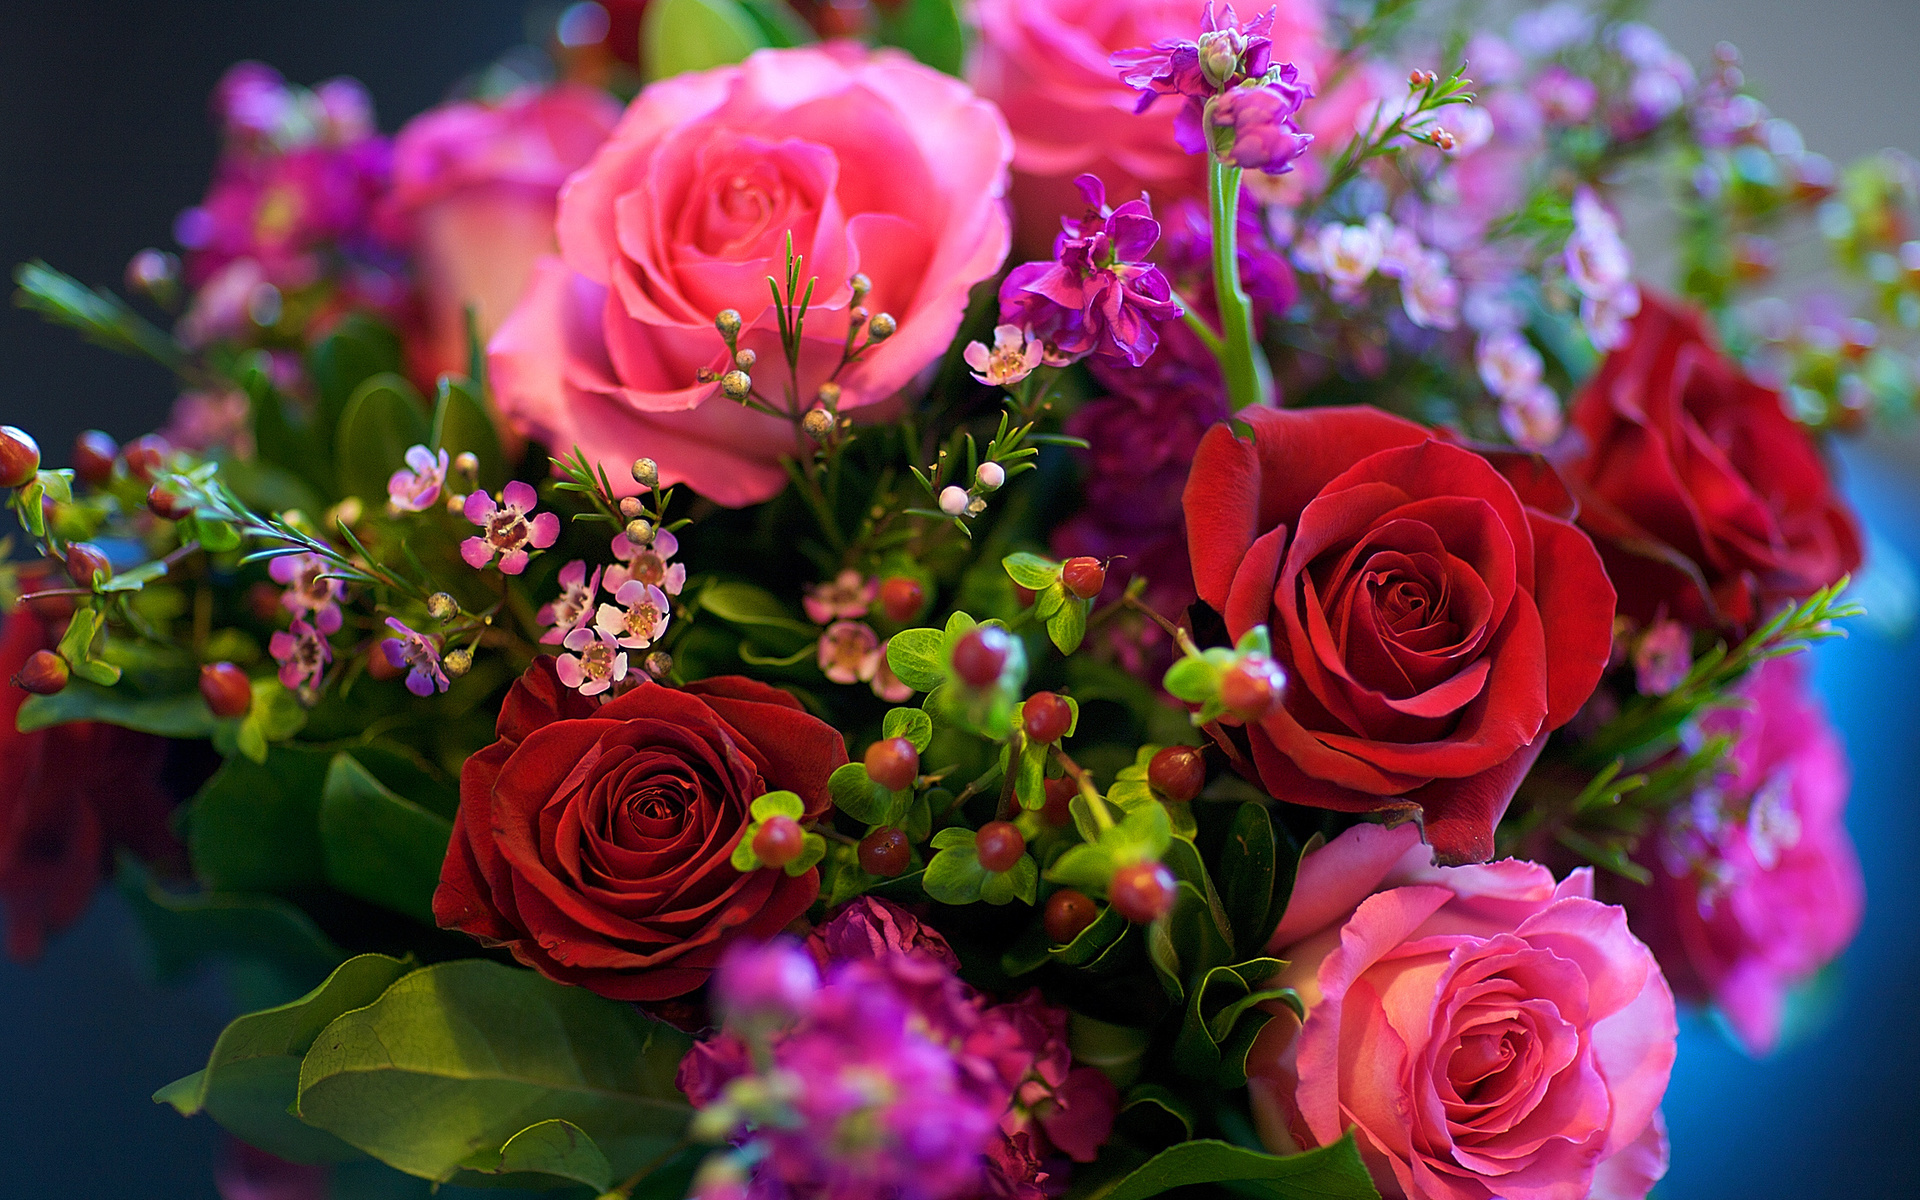 Надписями михалыч, очень красивые розы открытка